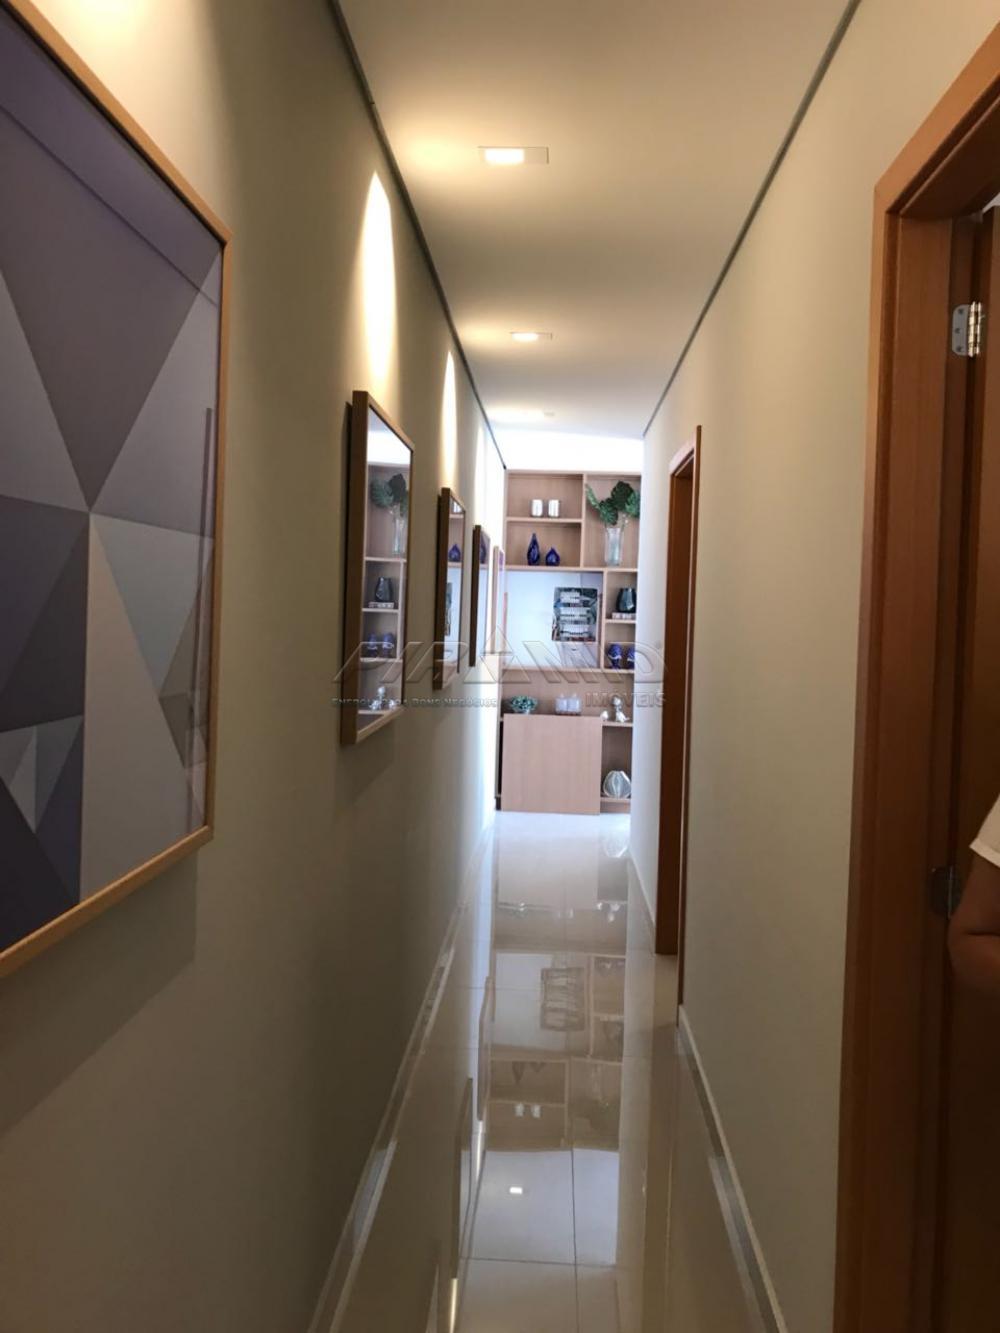 Comprar Apartamento / Padrão em Ribeirão Preto apenas R$ 624.100,00 - Foto 15